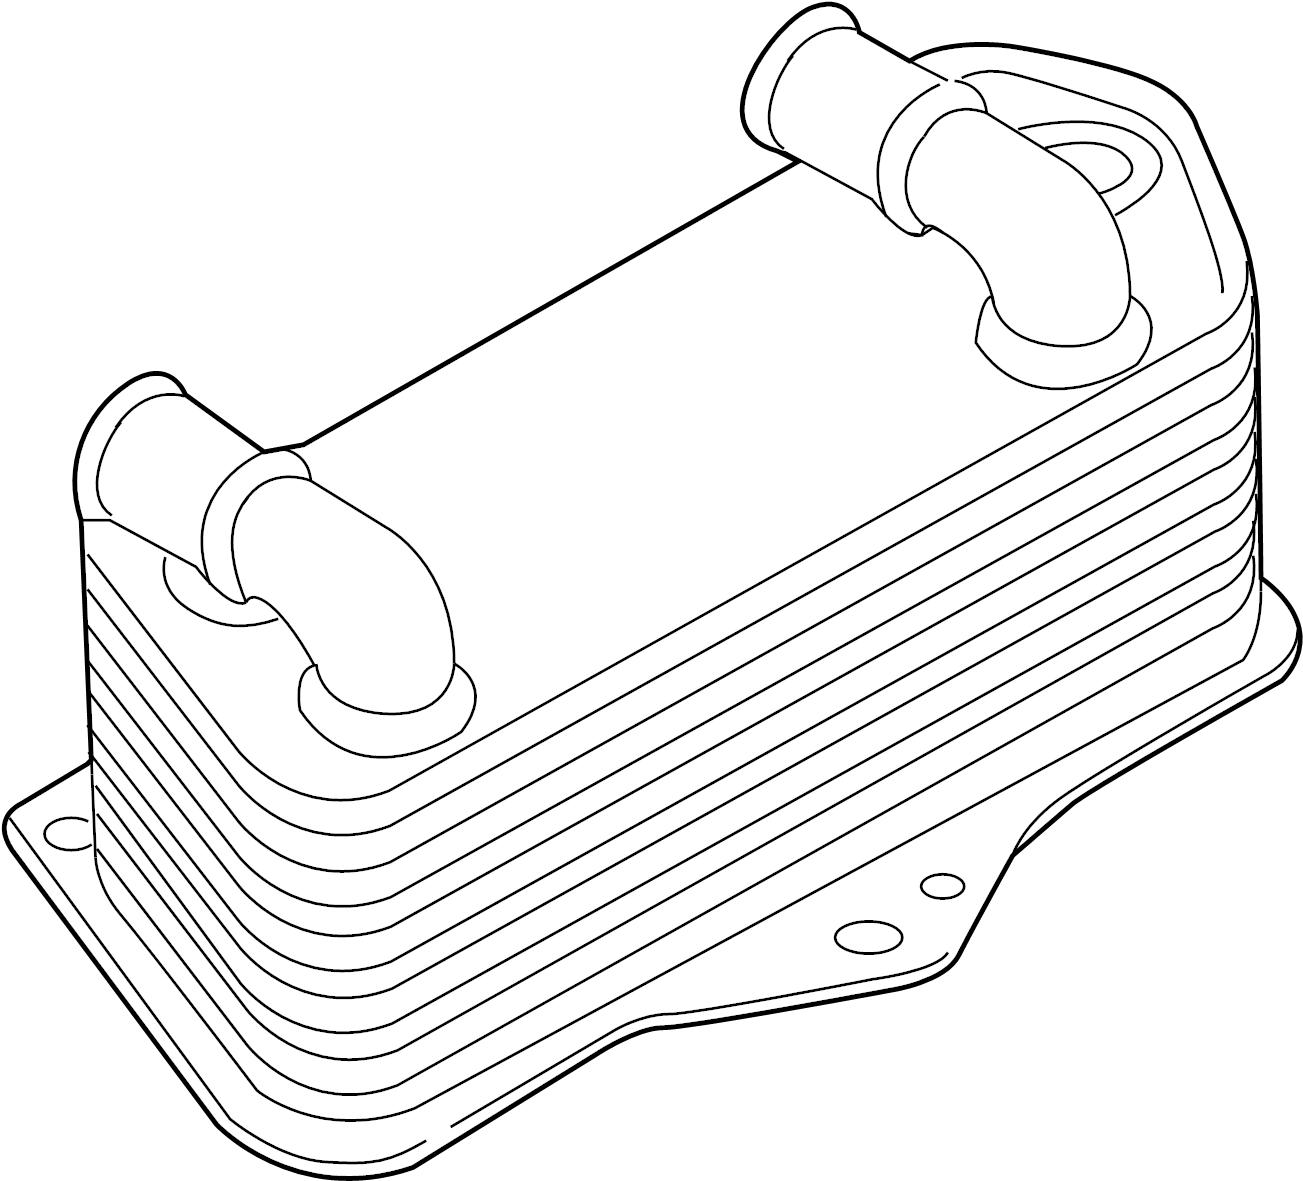 2009 Volkswagen Rabbit Oil cooler. Trans cooler. Audi